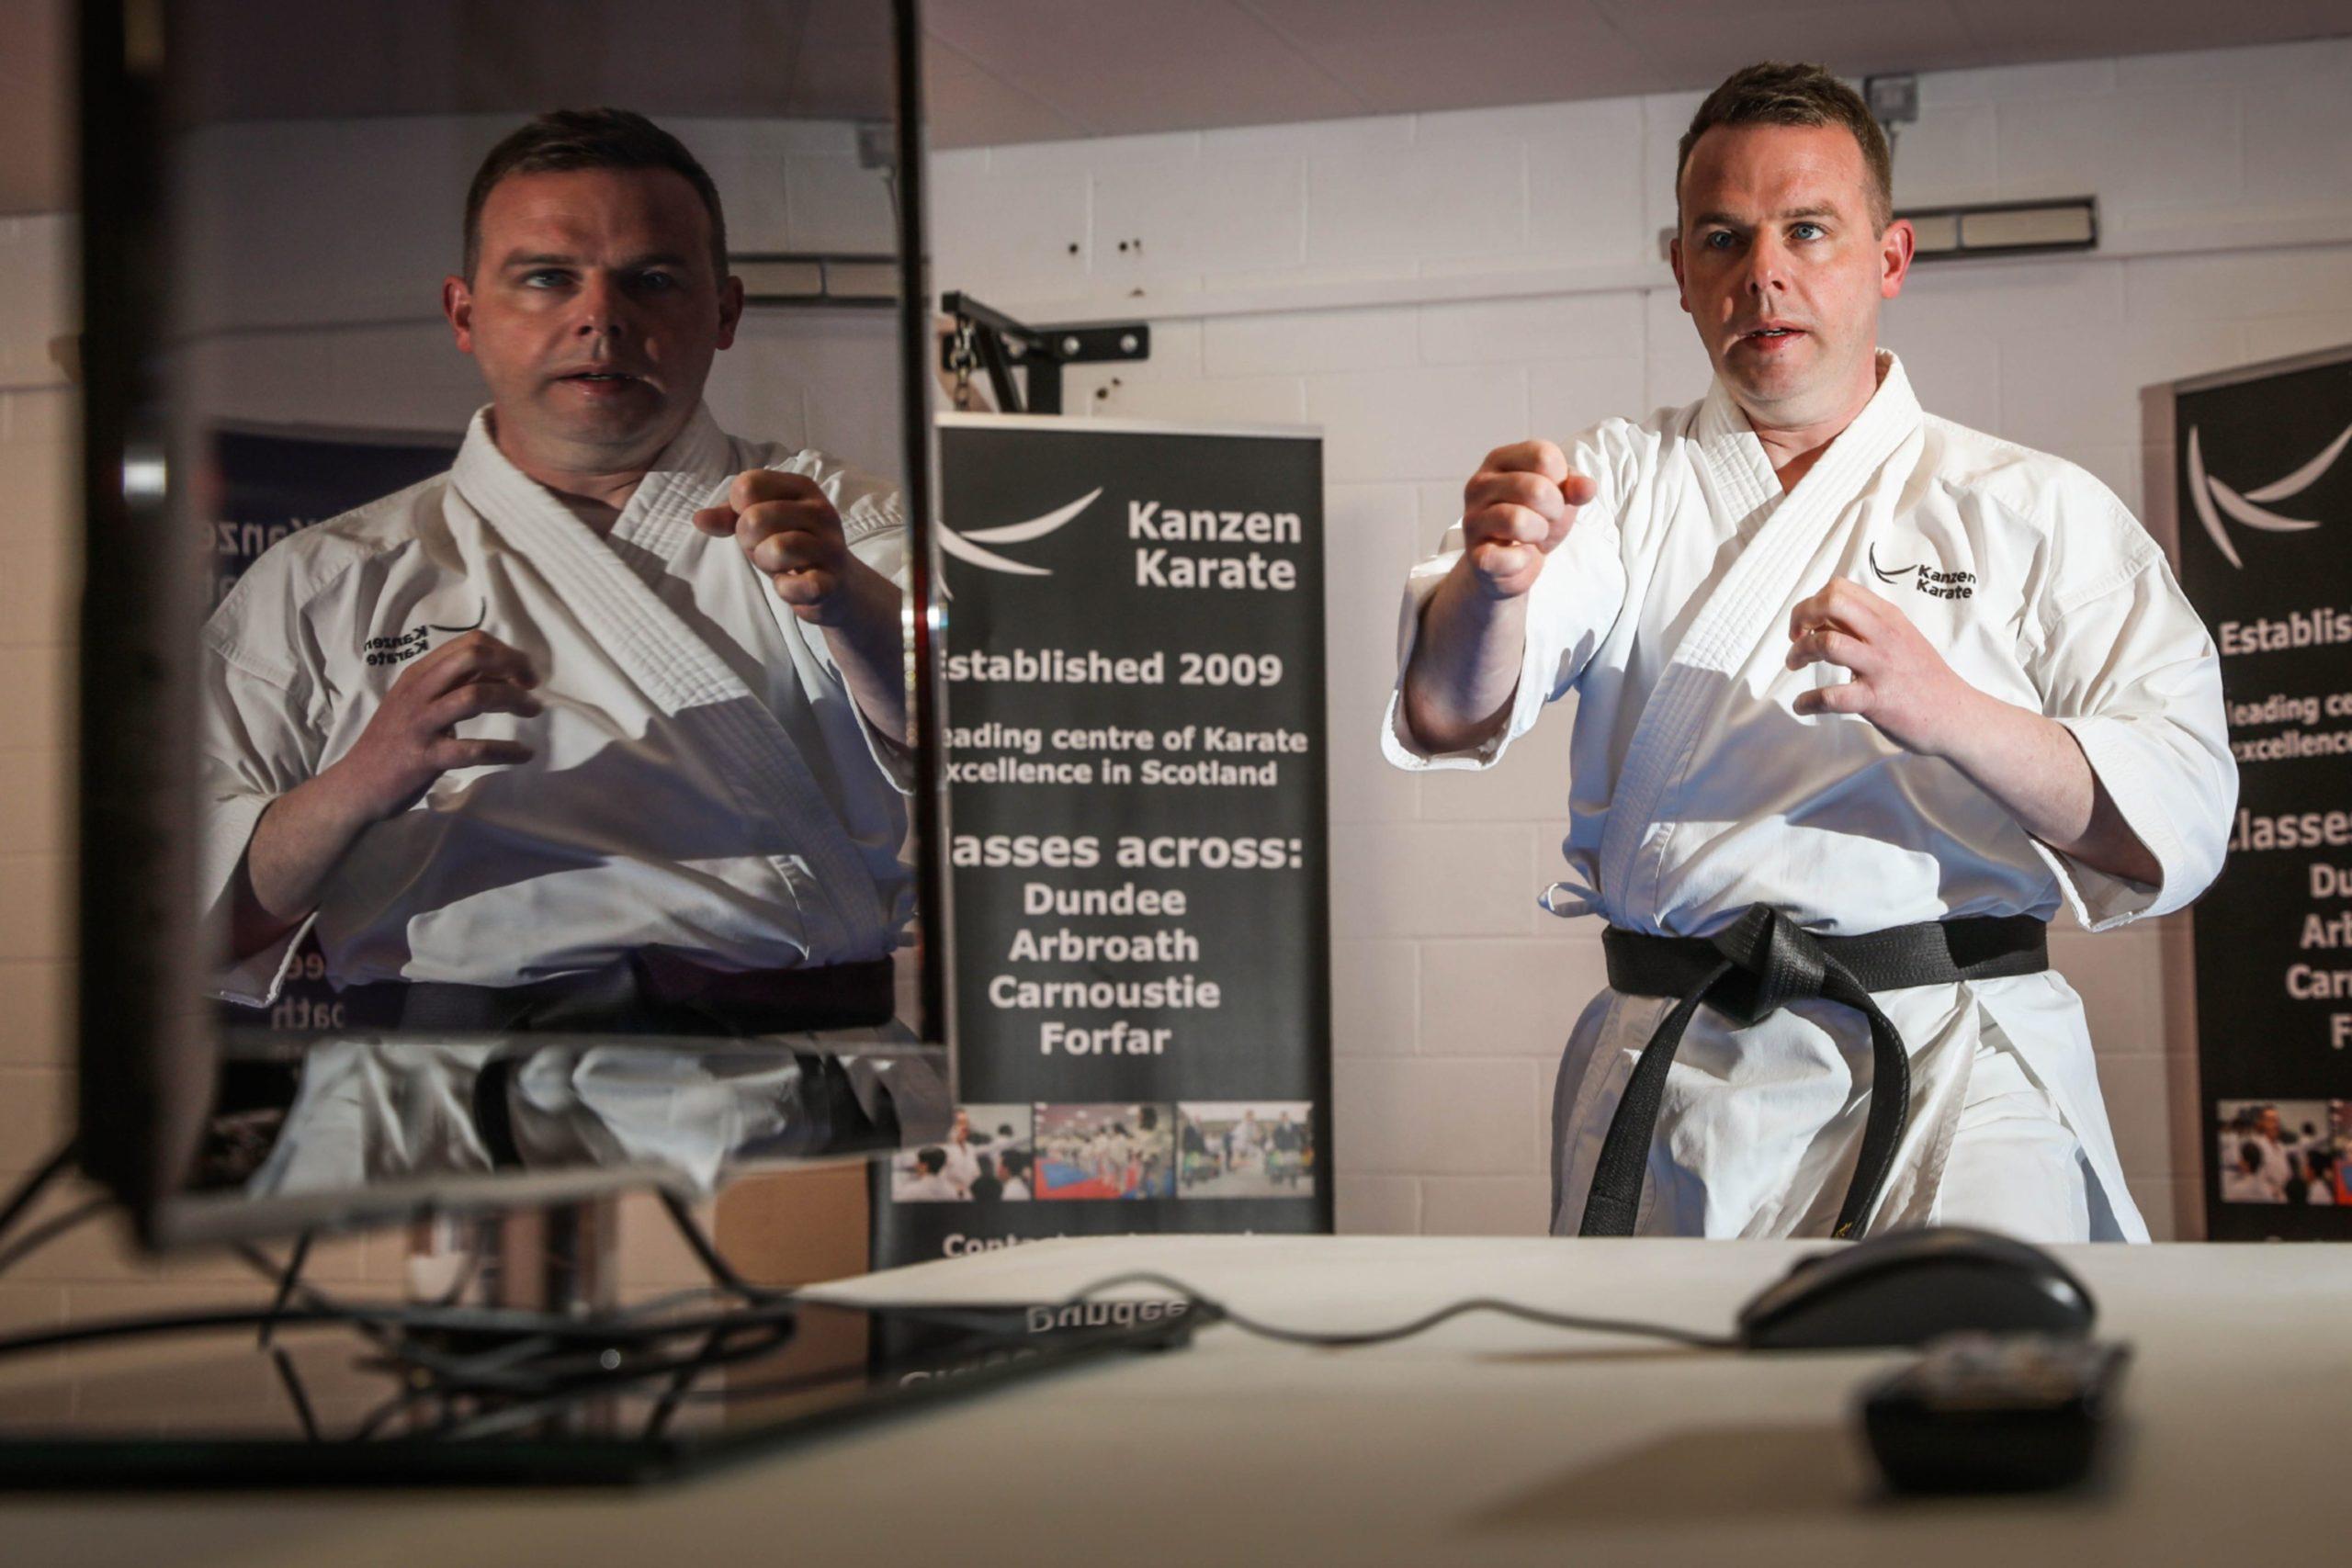 Kanzen Karate